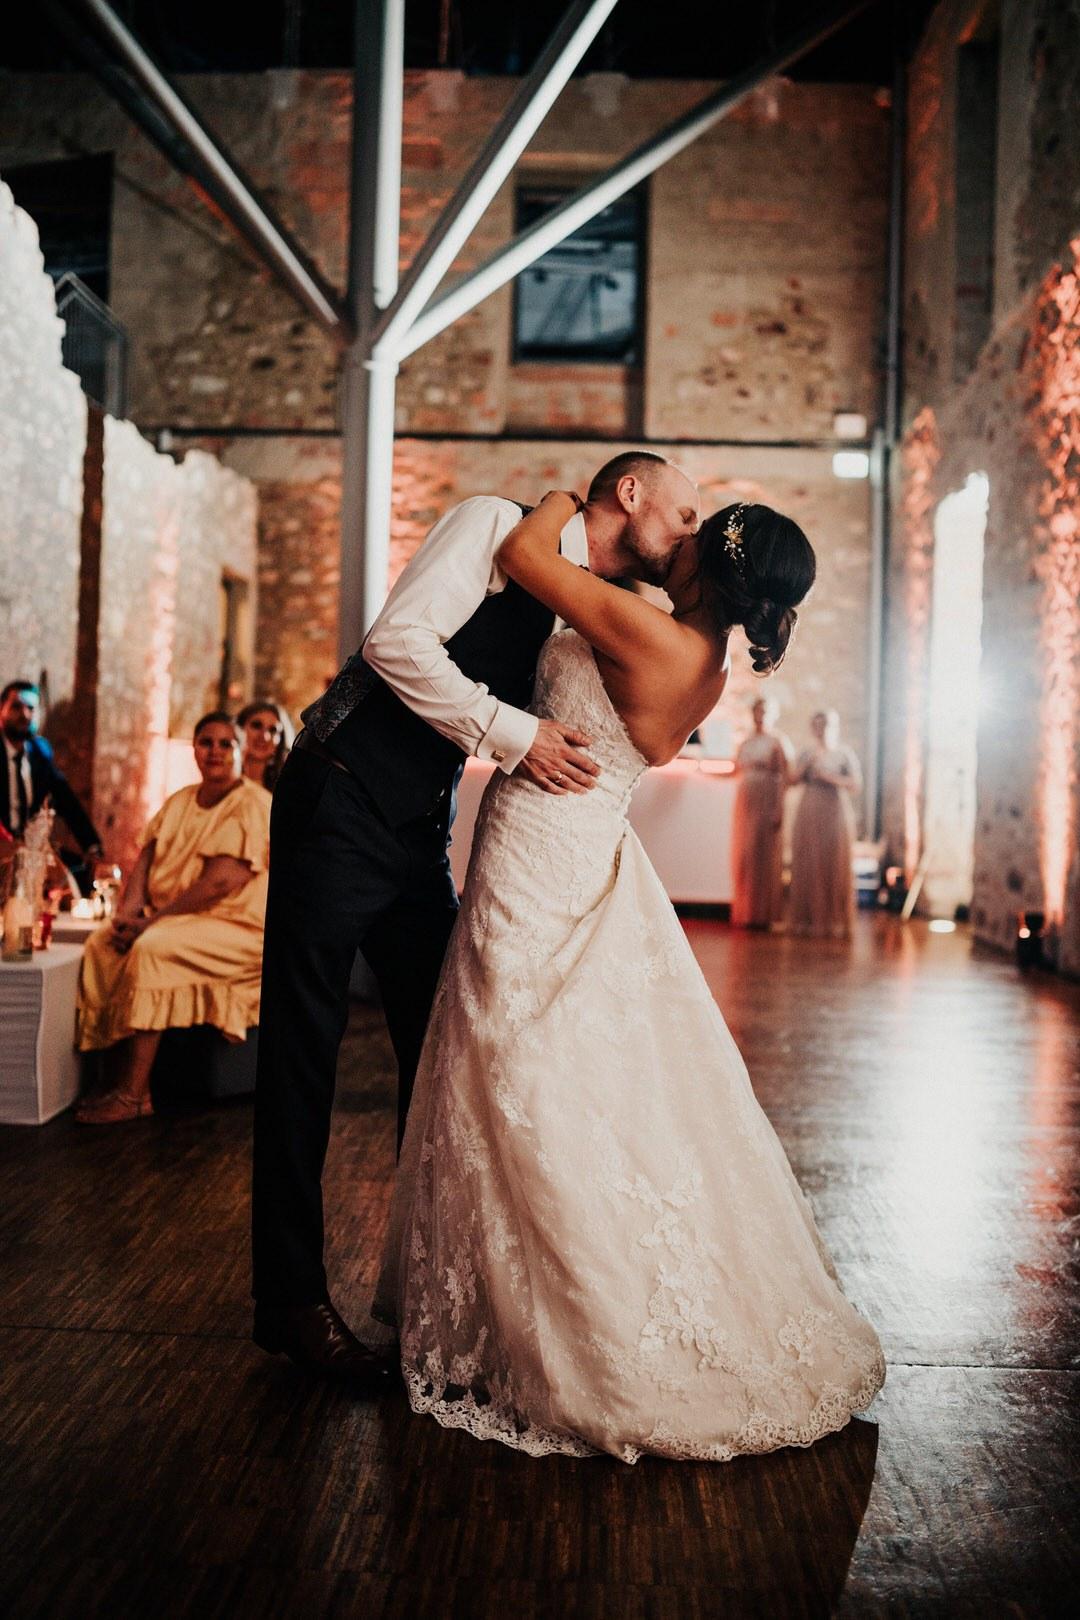 Der Hochzeitstanz als einer der emotionalsten Momente zwischen dem Hochzeitspaar bei der Party - Hochzeitsfotograf für Reportagen in Wiesbaden und Mainz